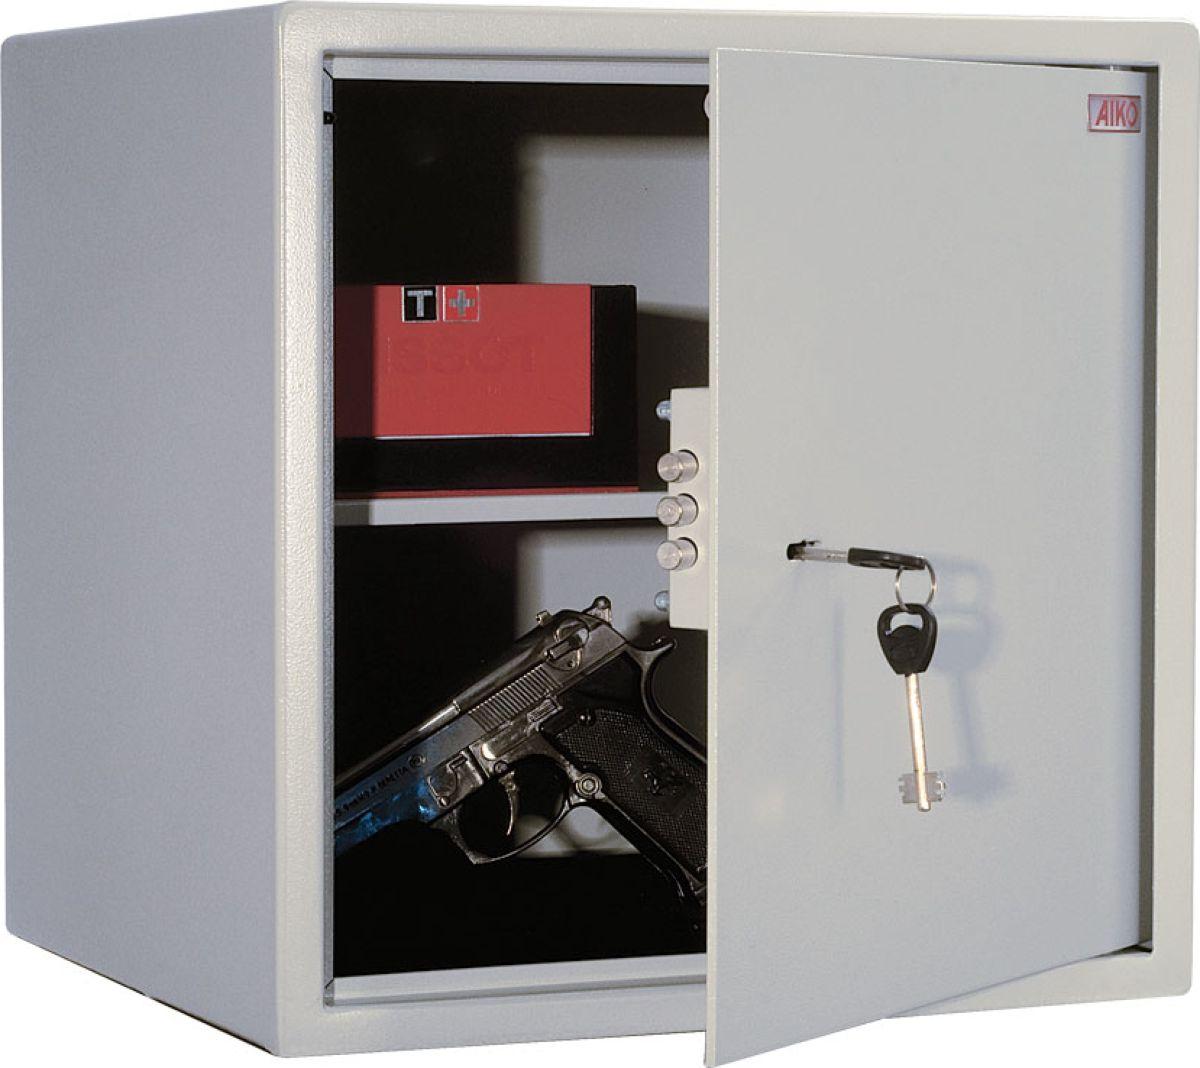 Сейф Aiko T-40S10399280114Это компактный лёгкий сейф, рассчитанный на хранение документации, печатей, некрупных сумм денег, травматического оружия и прочих вещей, доступ к которым требуется ограничить.Сейфы линии Aiko целиком отвечают требованиям МВД РФ к хранению короткоствольного оружия и сертифицированы на устойчивость к взлому по ГОСТу.Модель Aiko T-40 представляет собою прочное сварное изделие из стальных листов толщиной 1,5мм; дверь усилена за счёт лицевой панели в 3 мм. Запирается трёхригельным ключевым замком Практик отечественного производства, к которому прилагается два ключа.Внутри имеется съёмная полочка.